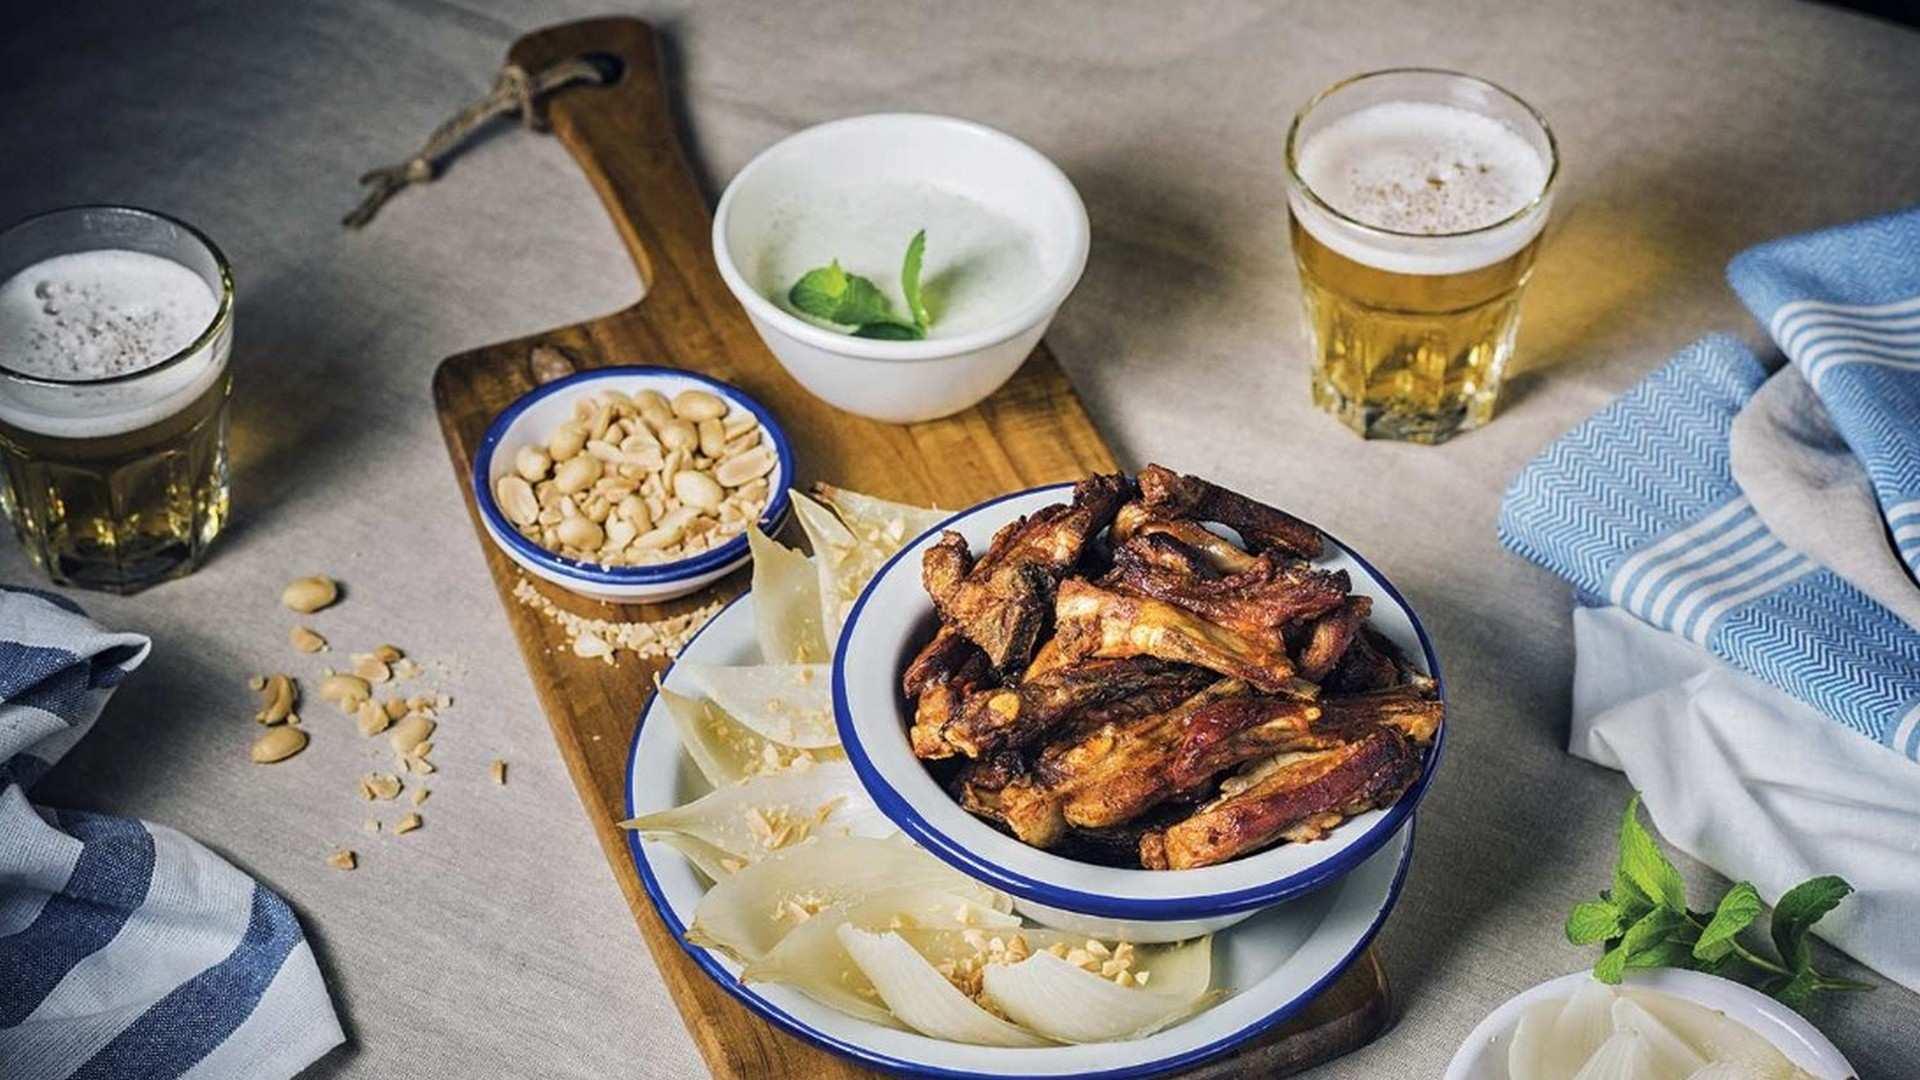 Receta de Churrasquitos asados con gajos de cebolla Fuentes de Ebro Dop y salsa de yogur y menta